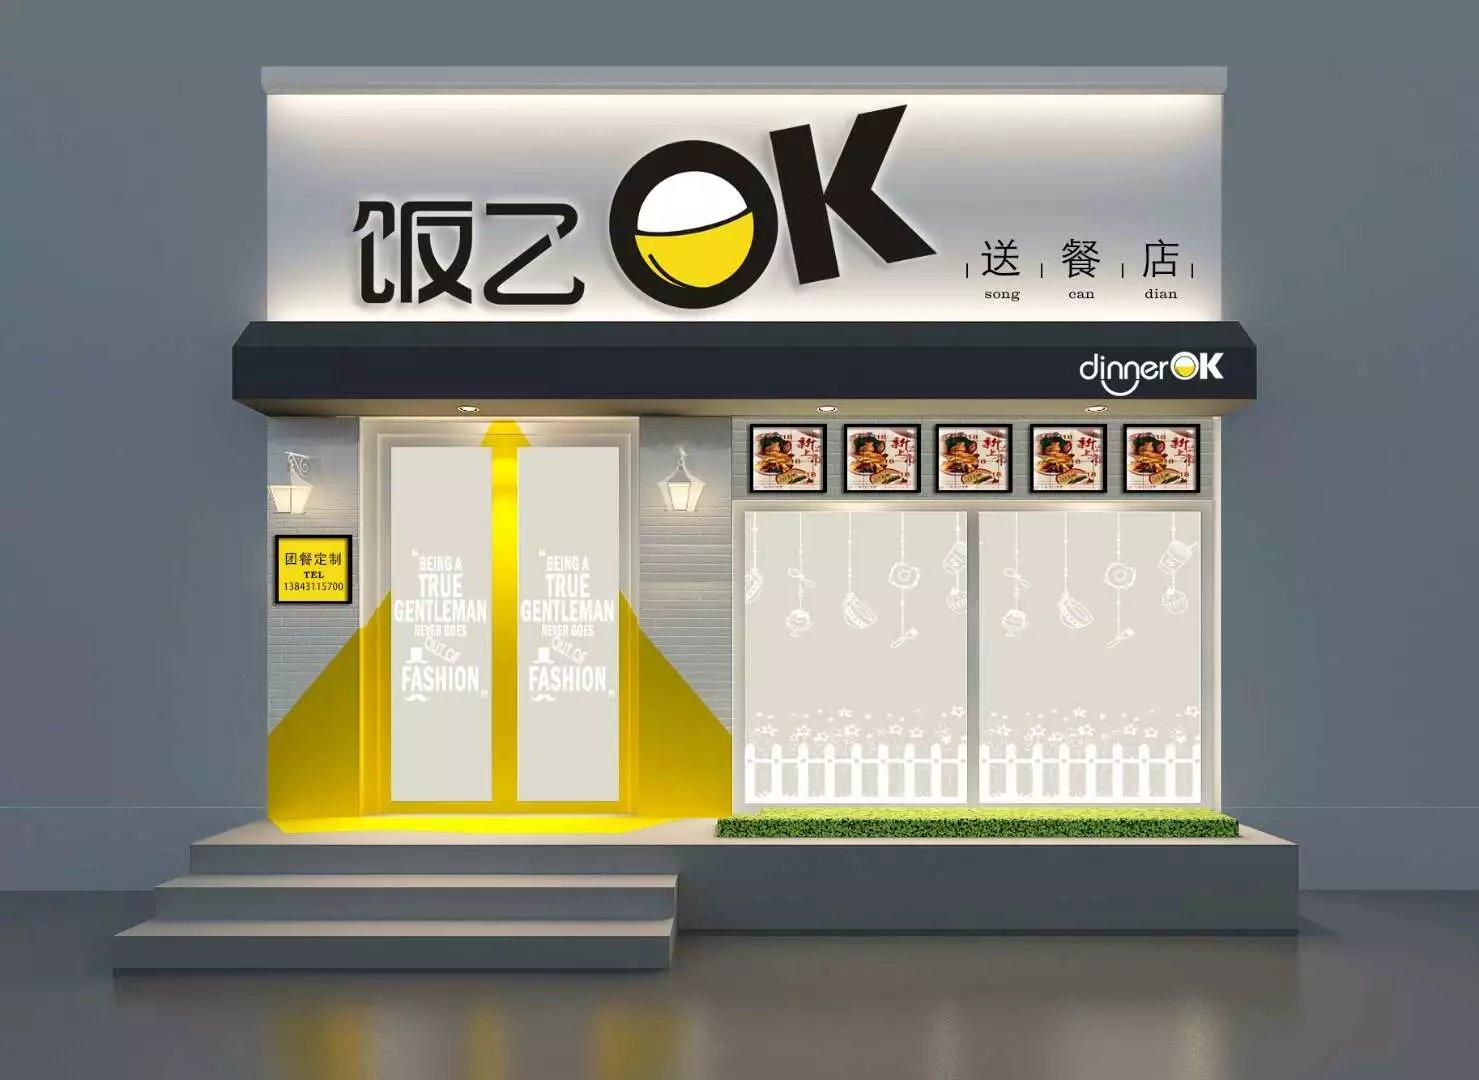 饭乙OK(送餐店)